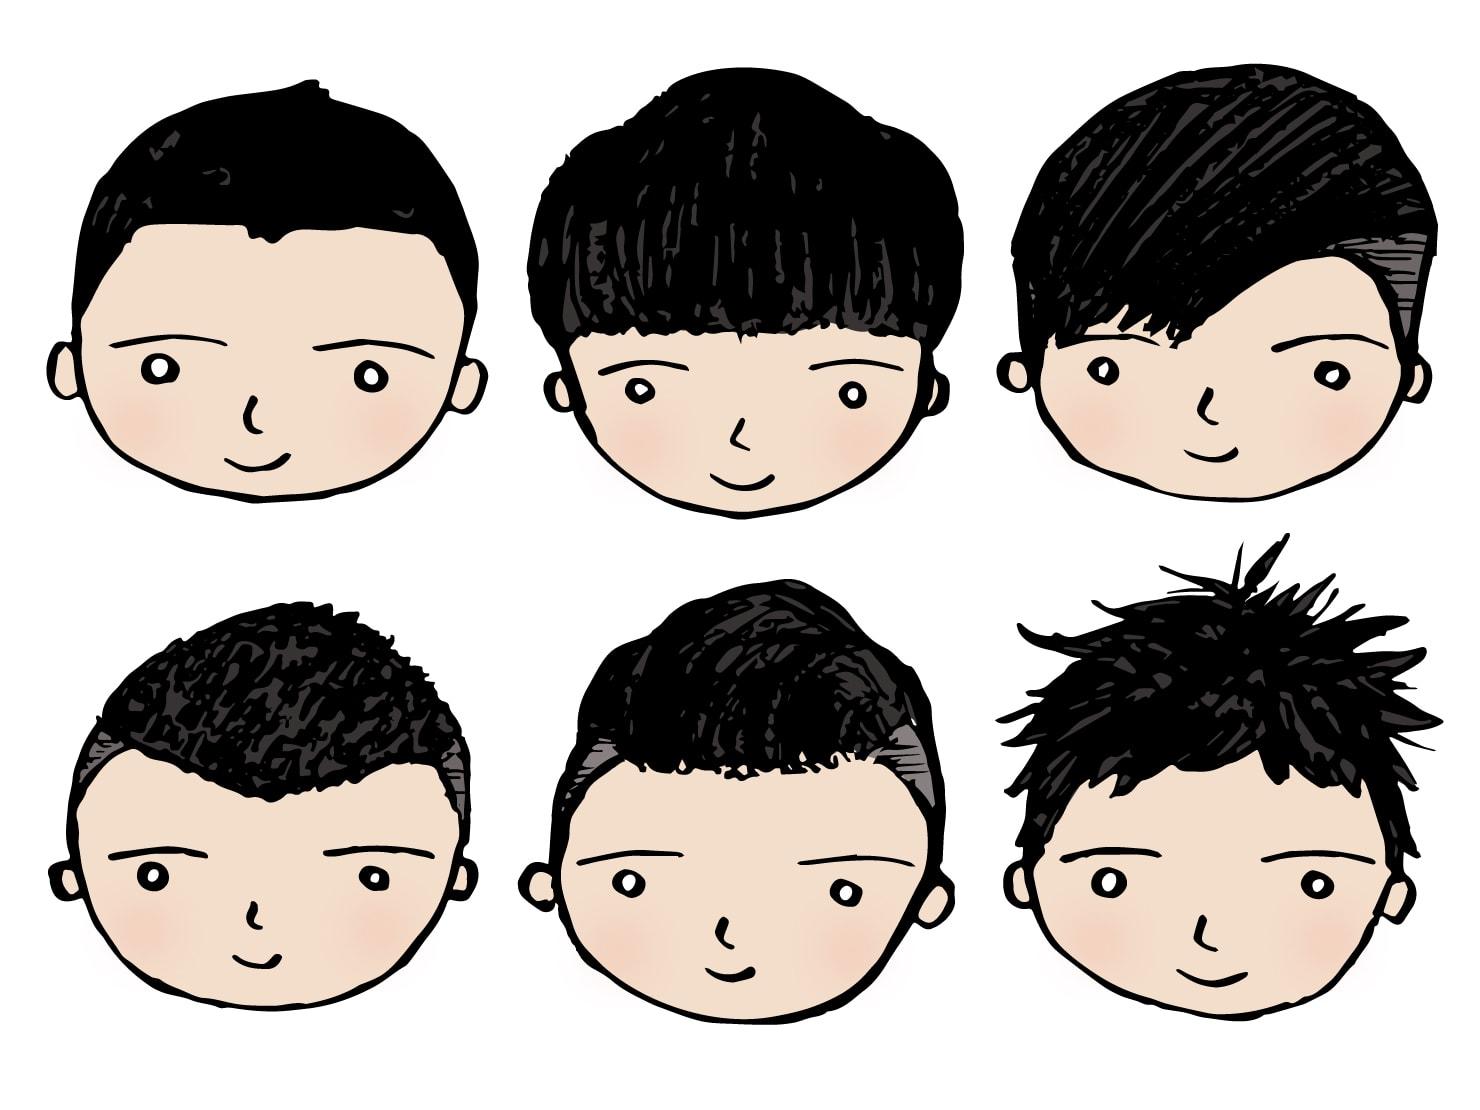 台湾男子御用達のヘアスタイル6タイプ